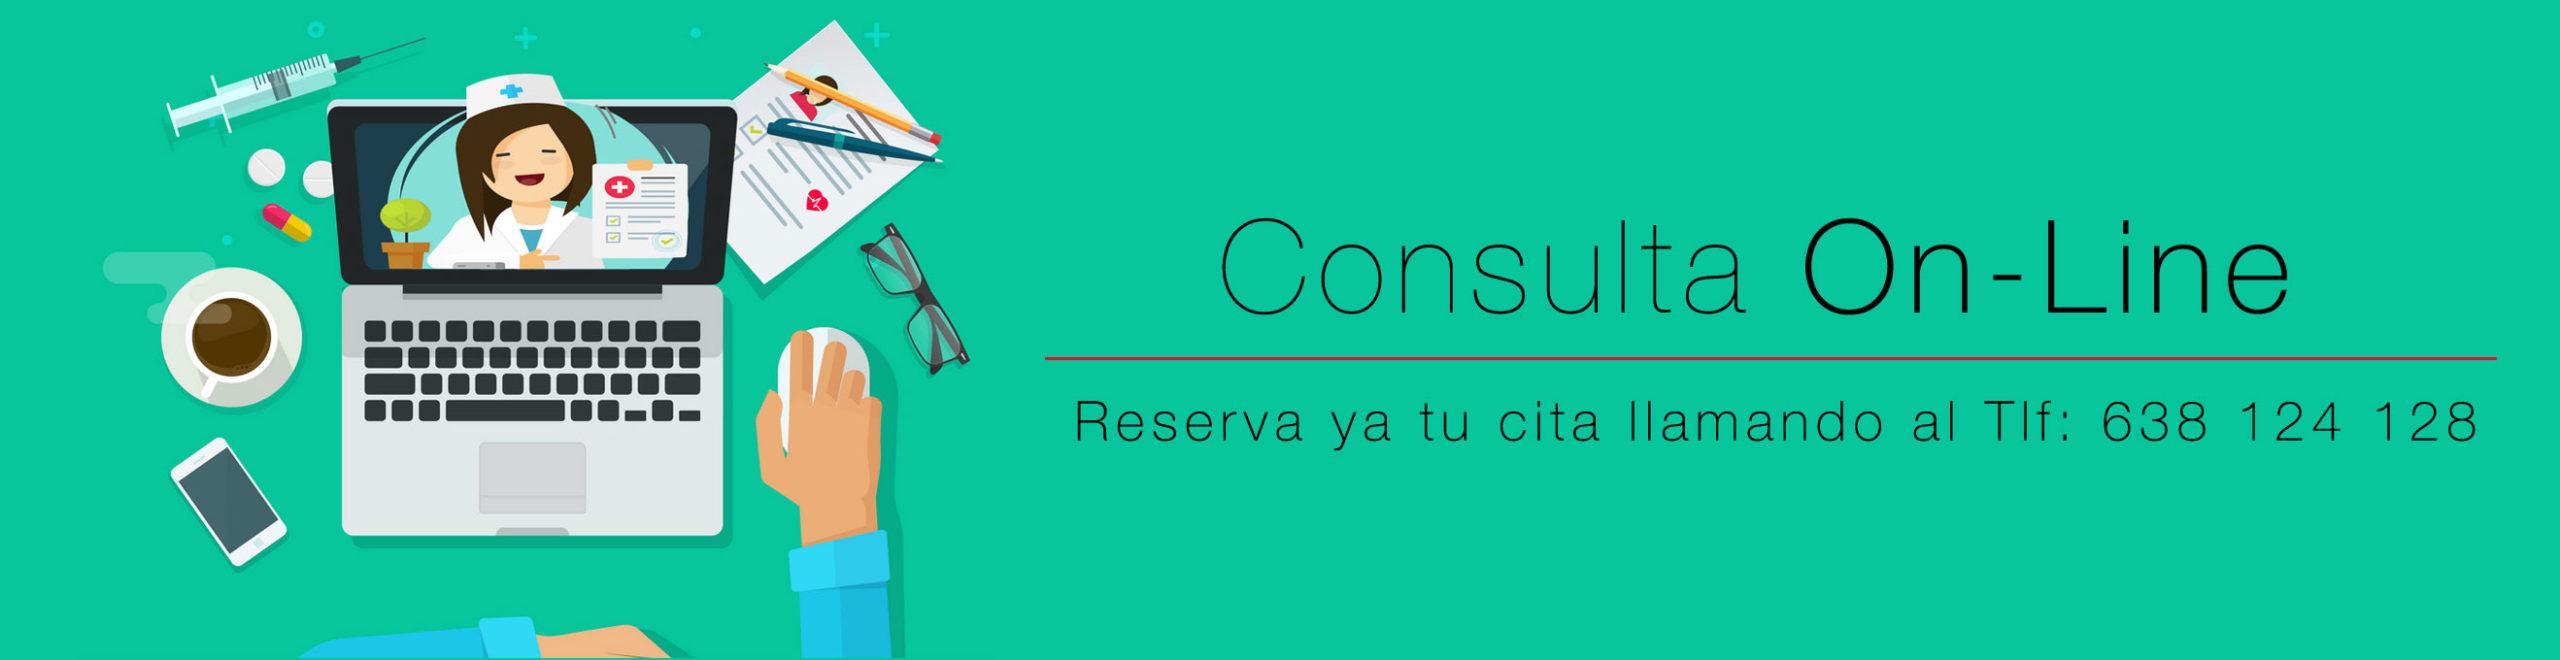 Reserva cita consulta On-Line en la Clínica Gardoqui